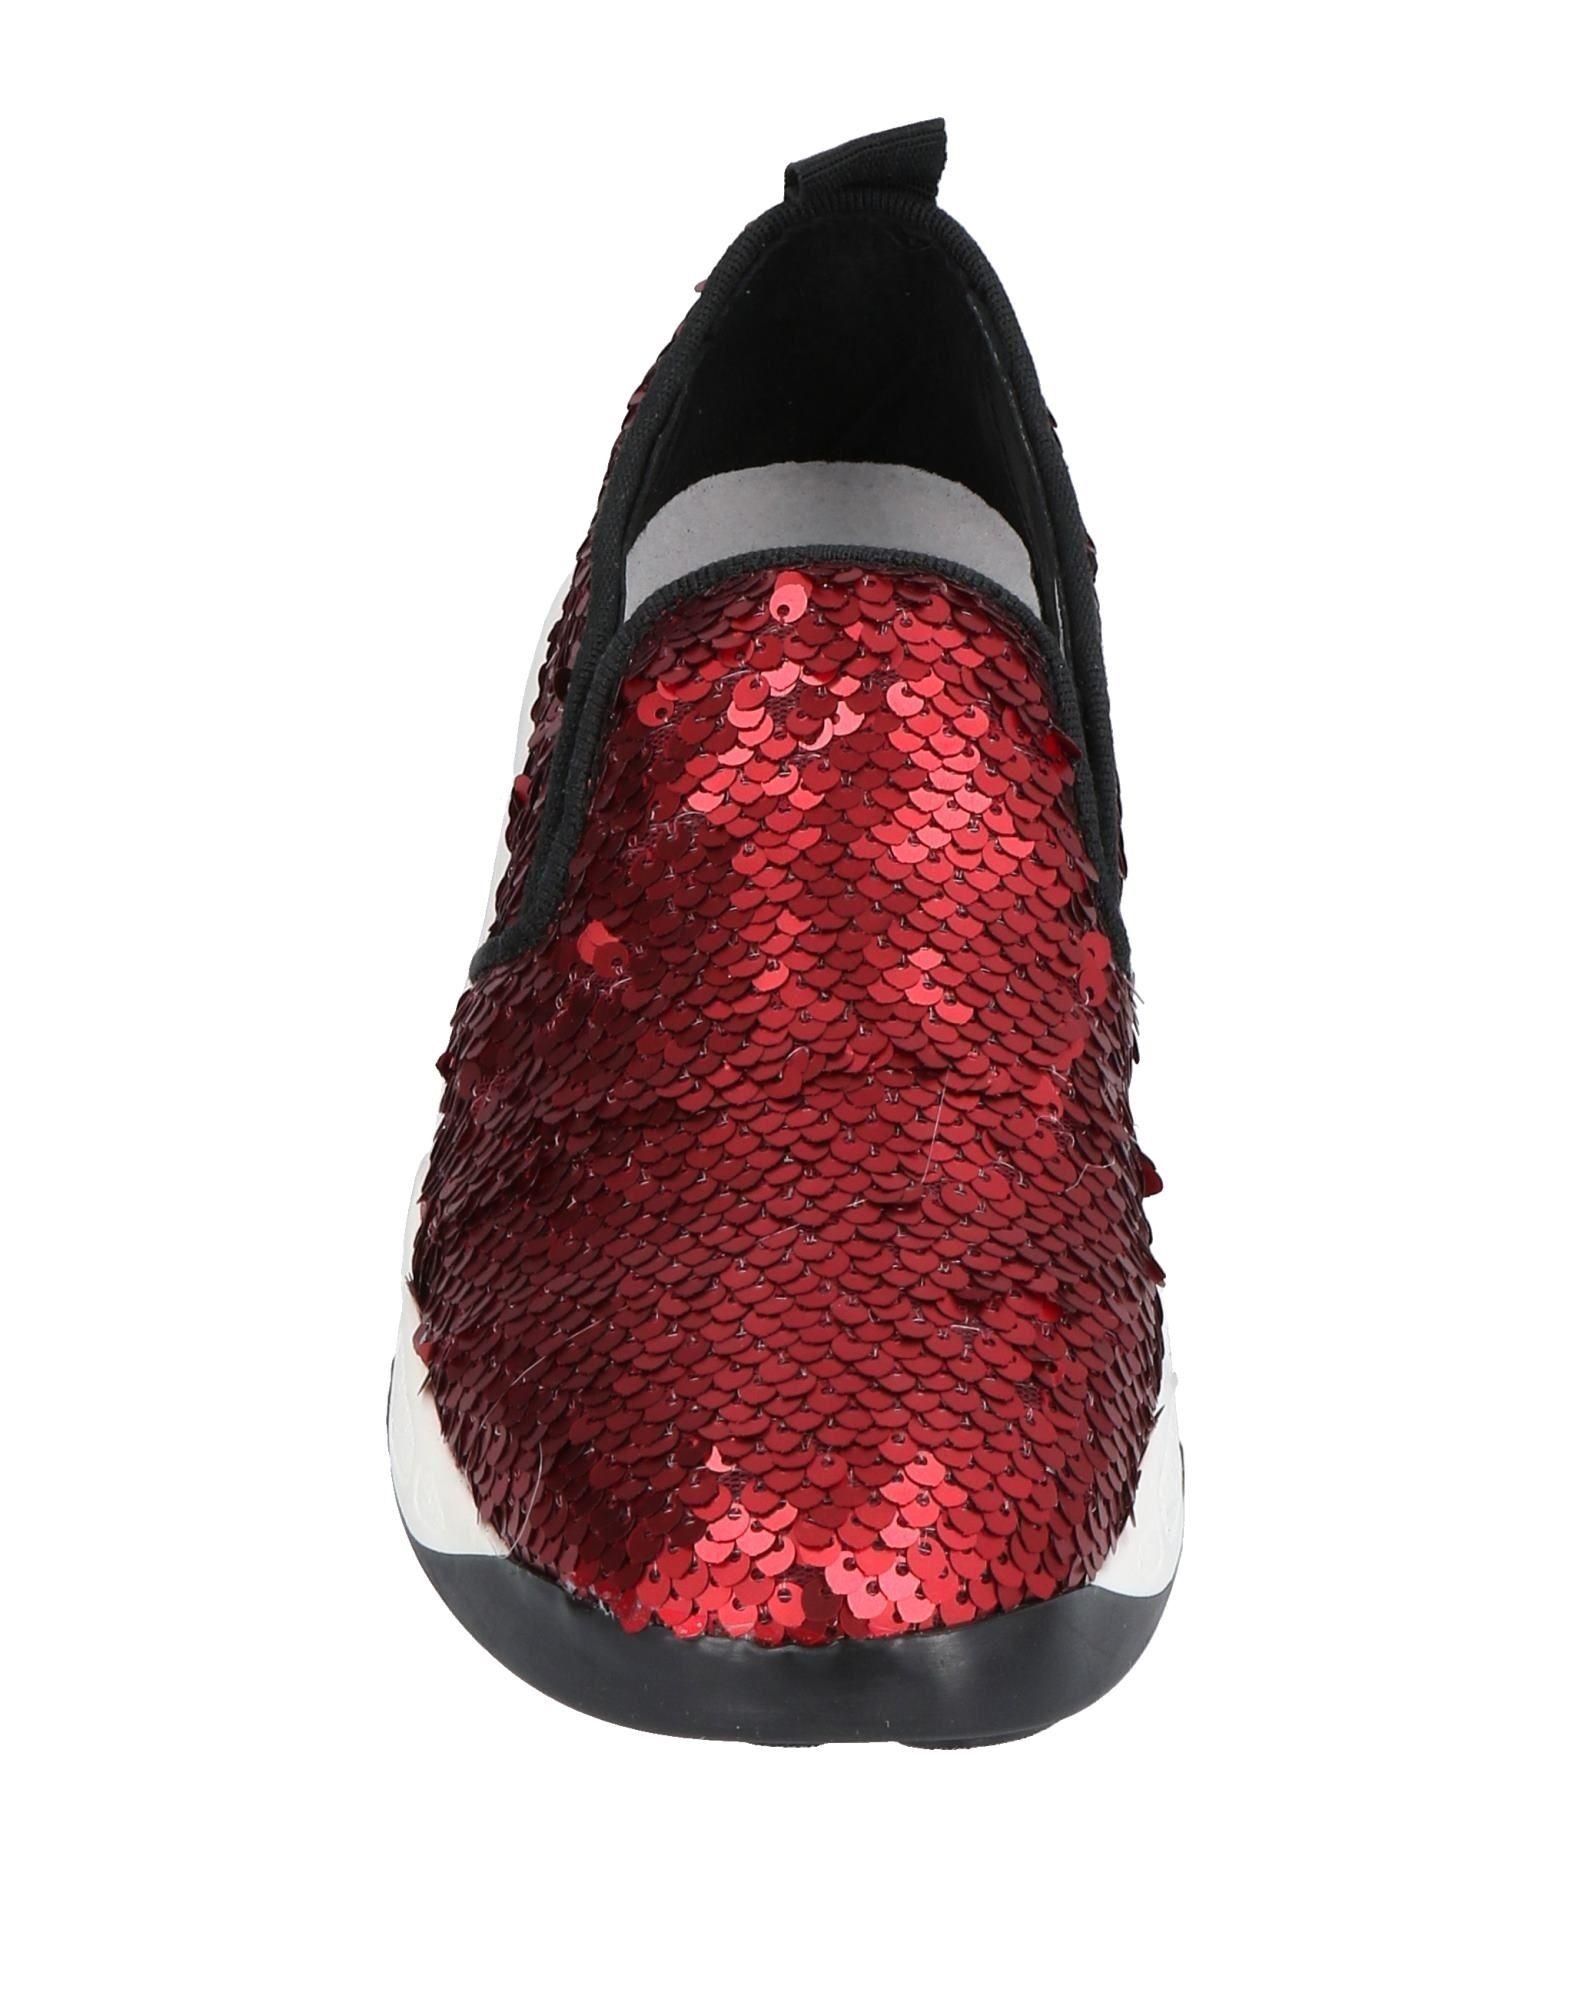 Paola Parisi Sneakers Damen  11466908XG Gute Qualität beliebte Schuhe